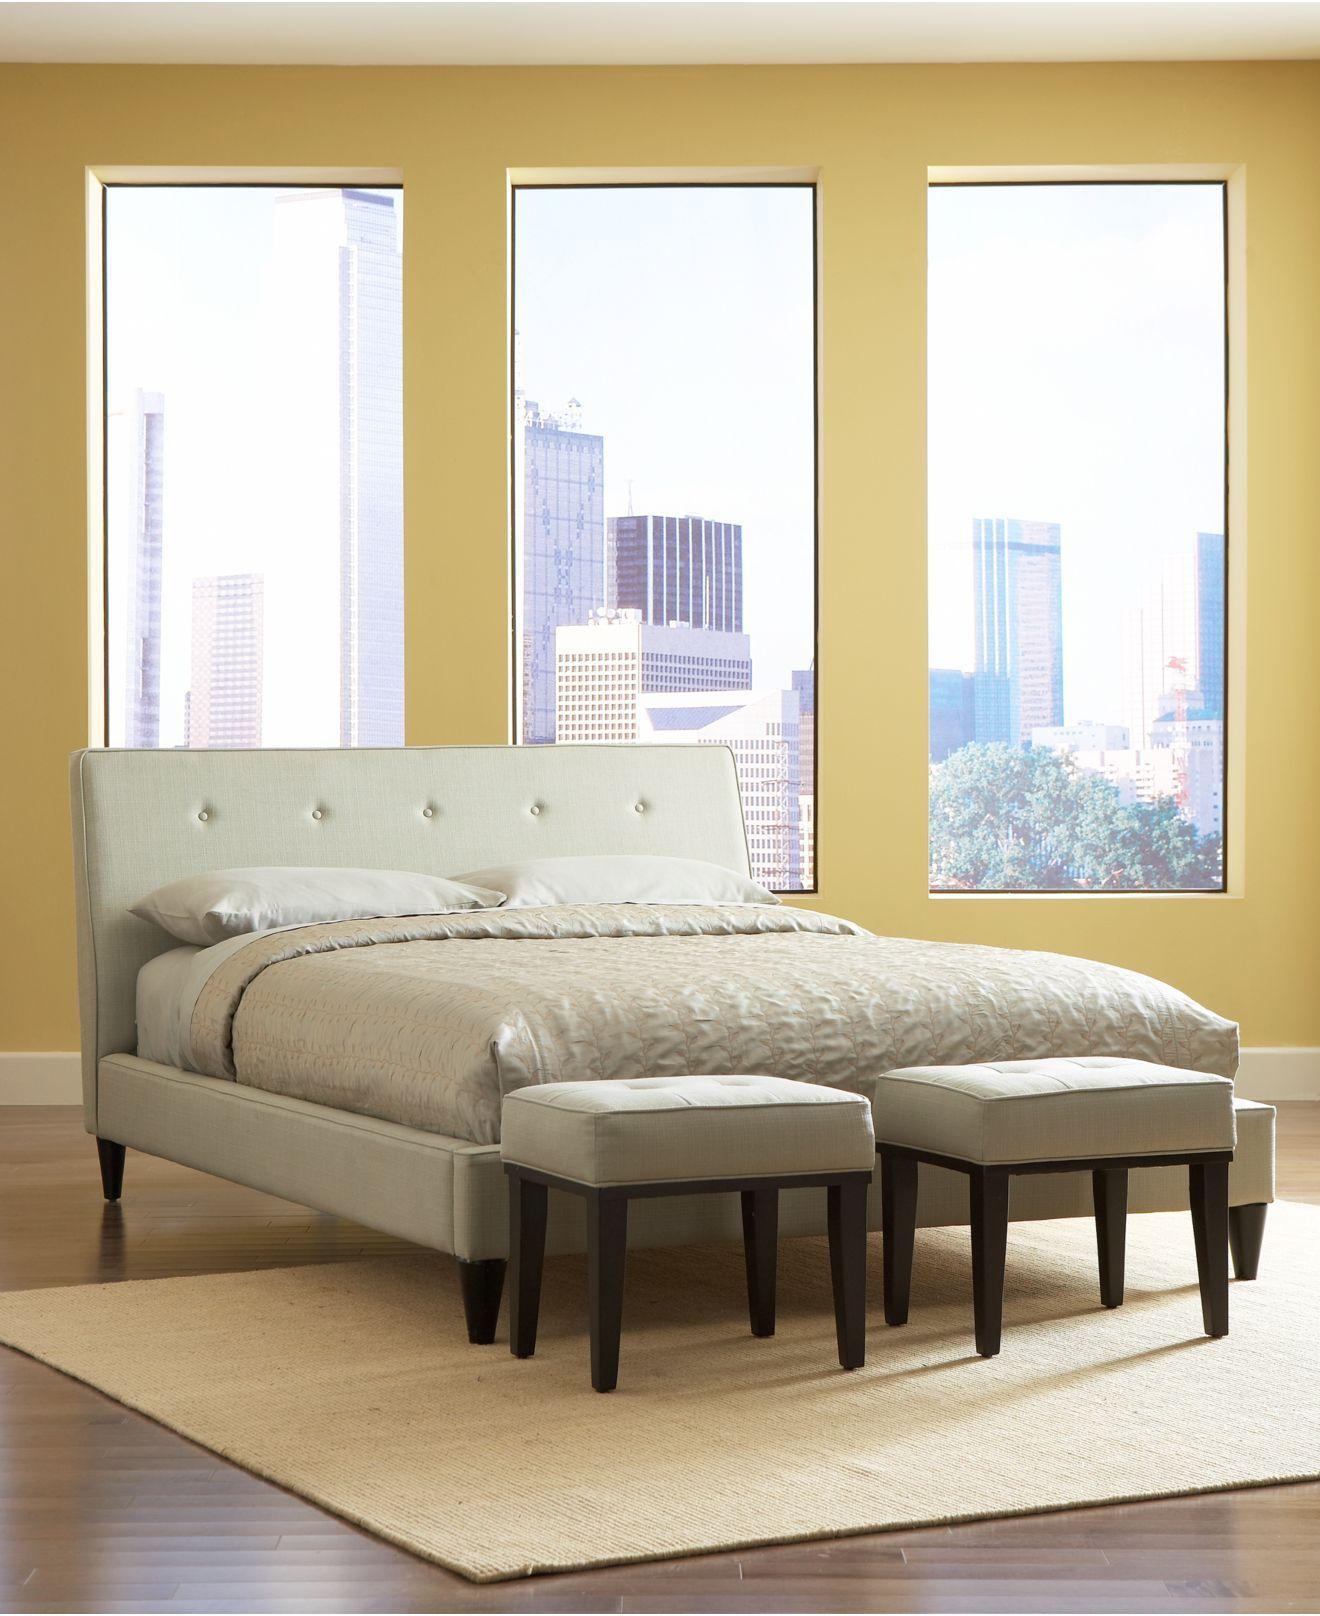 Master bedroom furniture sets  Kyle Bedroom Furniture Collection  Bedroom Furniture  furniture